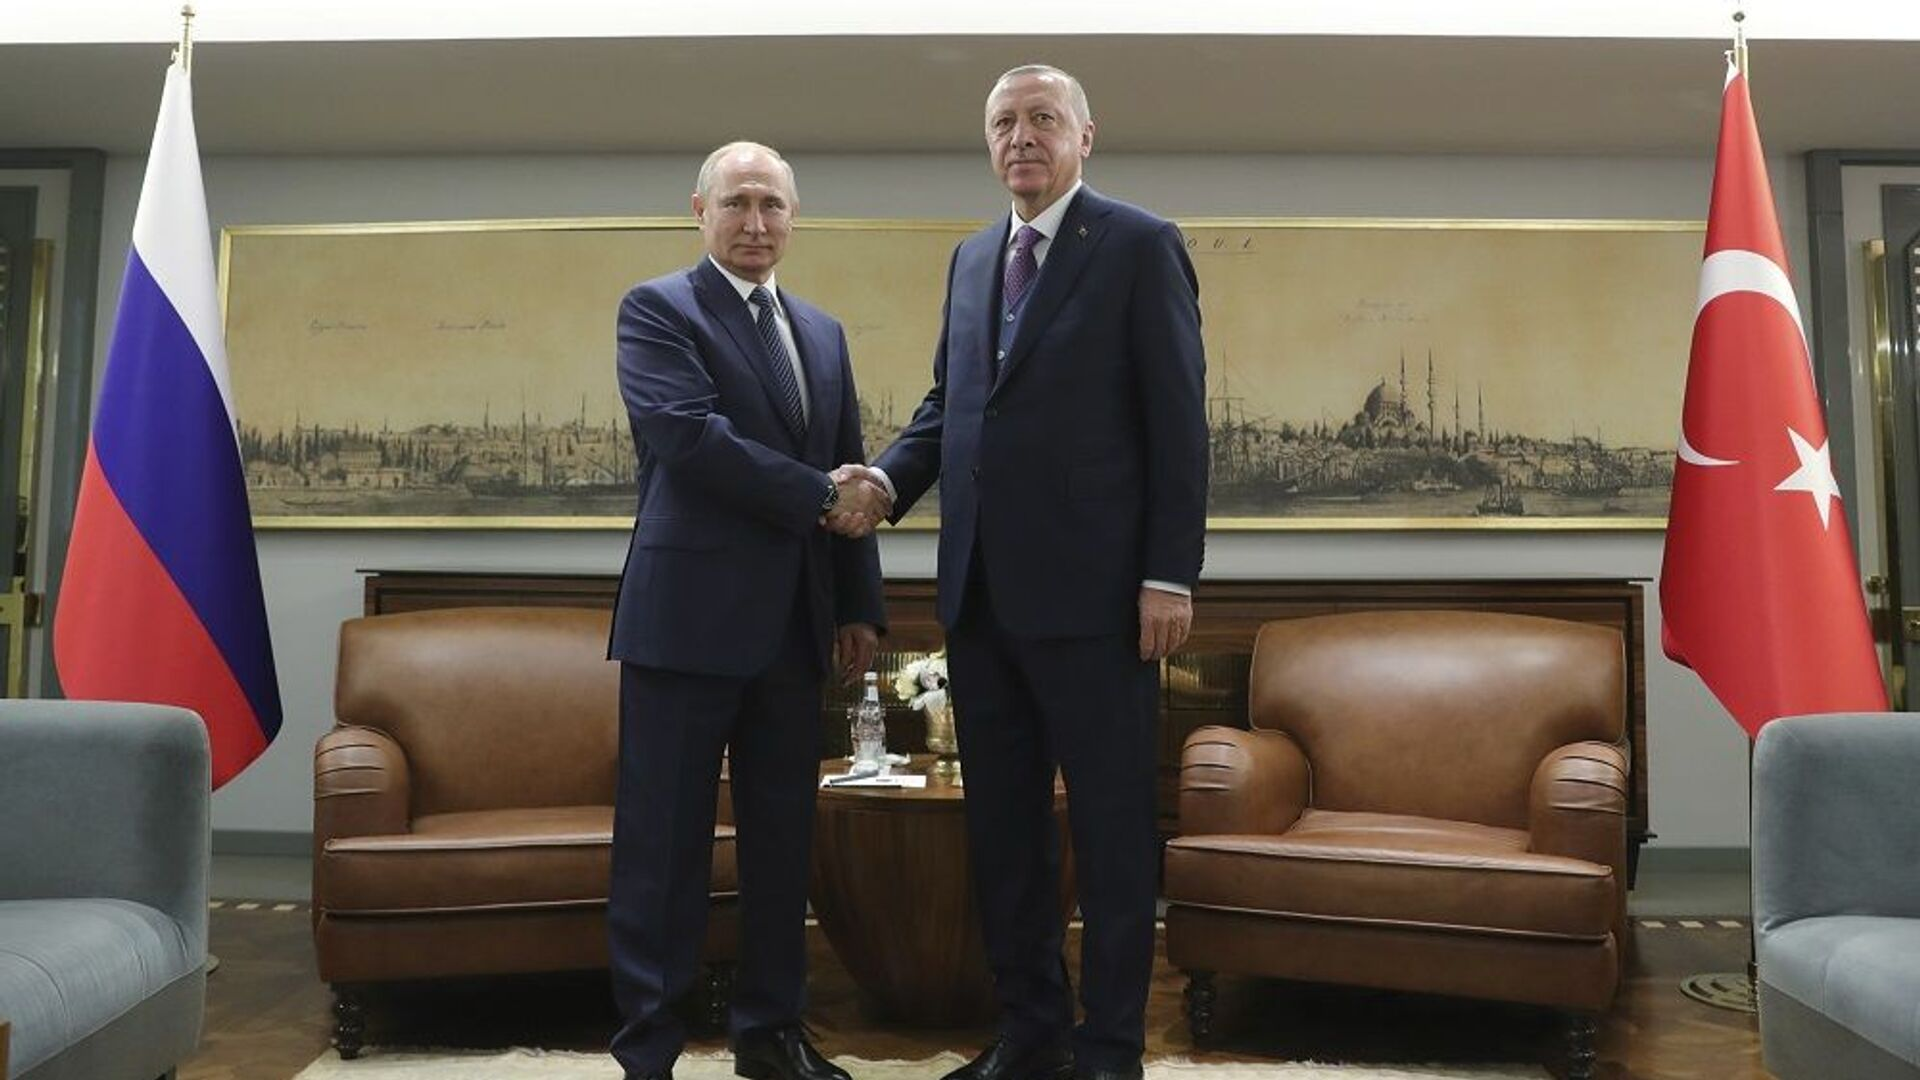 Συνάντηση Πούτιν - Ερντογάν  - Sputnik Ελλάδα, 1920, 29.09.2021